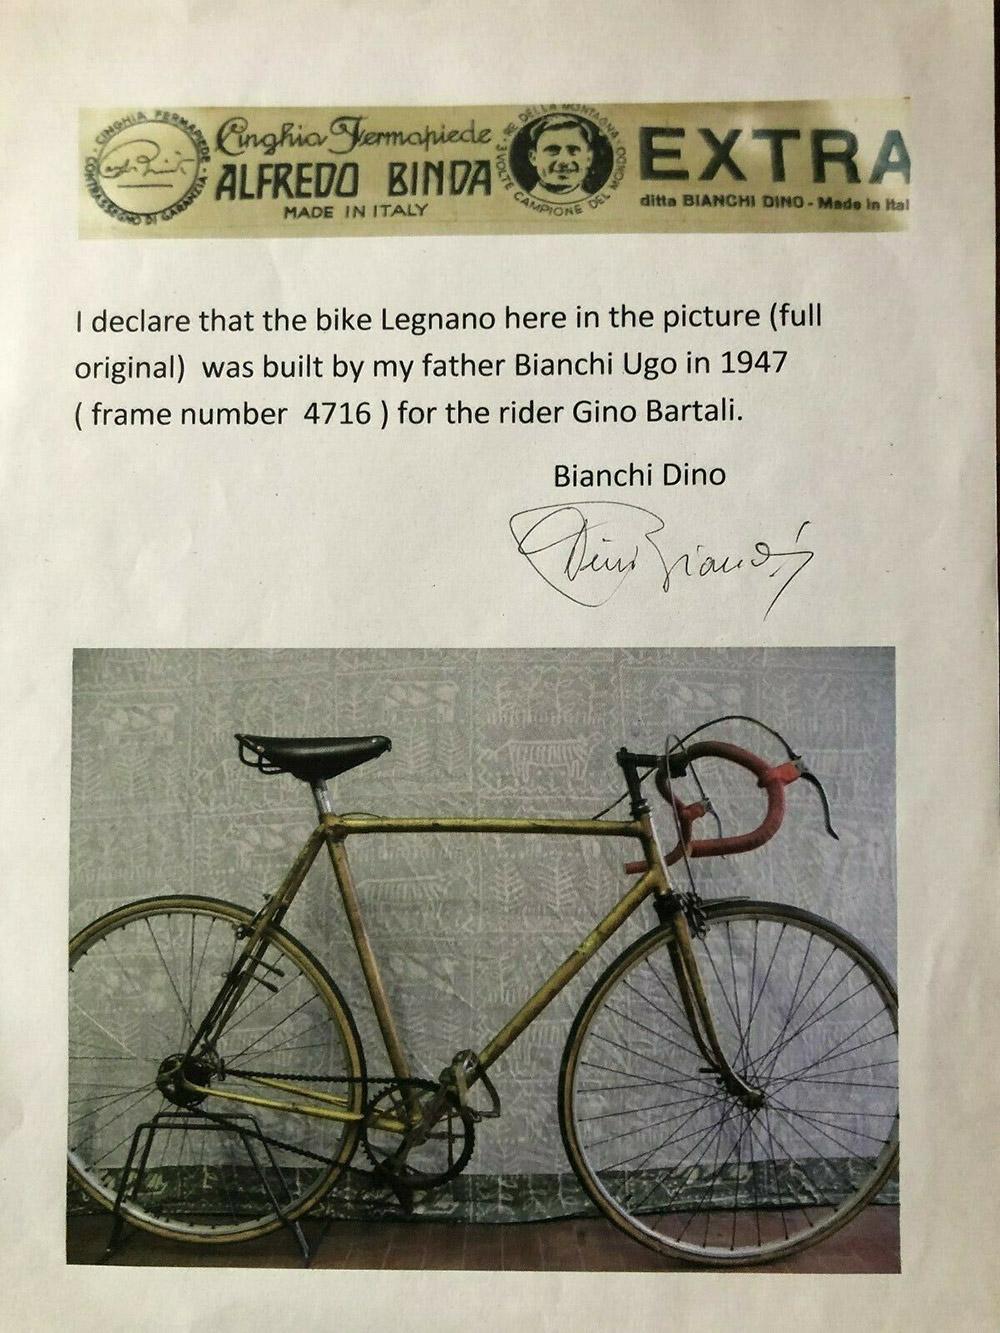 87.000€-de-bicicleta.-Este-es-el-precio-en-el-que-se-está-vendiendo-una-bici-con-mucha-historia-gino-bartali-bianchi-ebay-subasta-documento